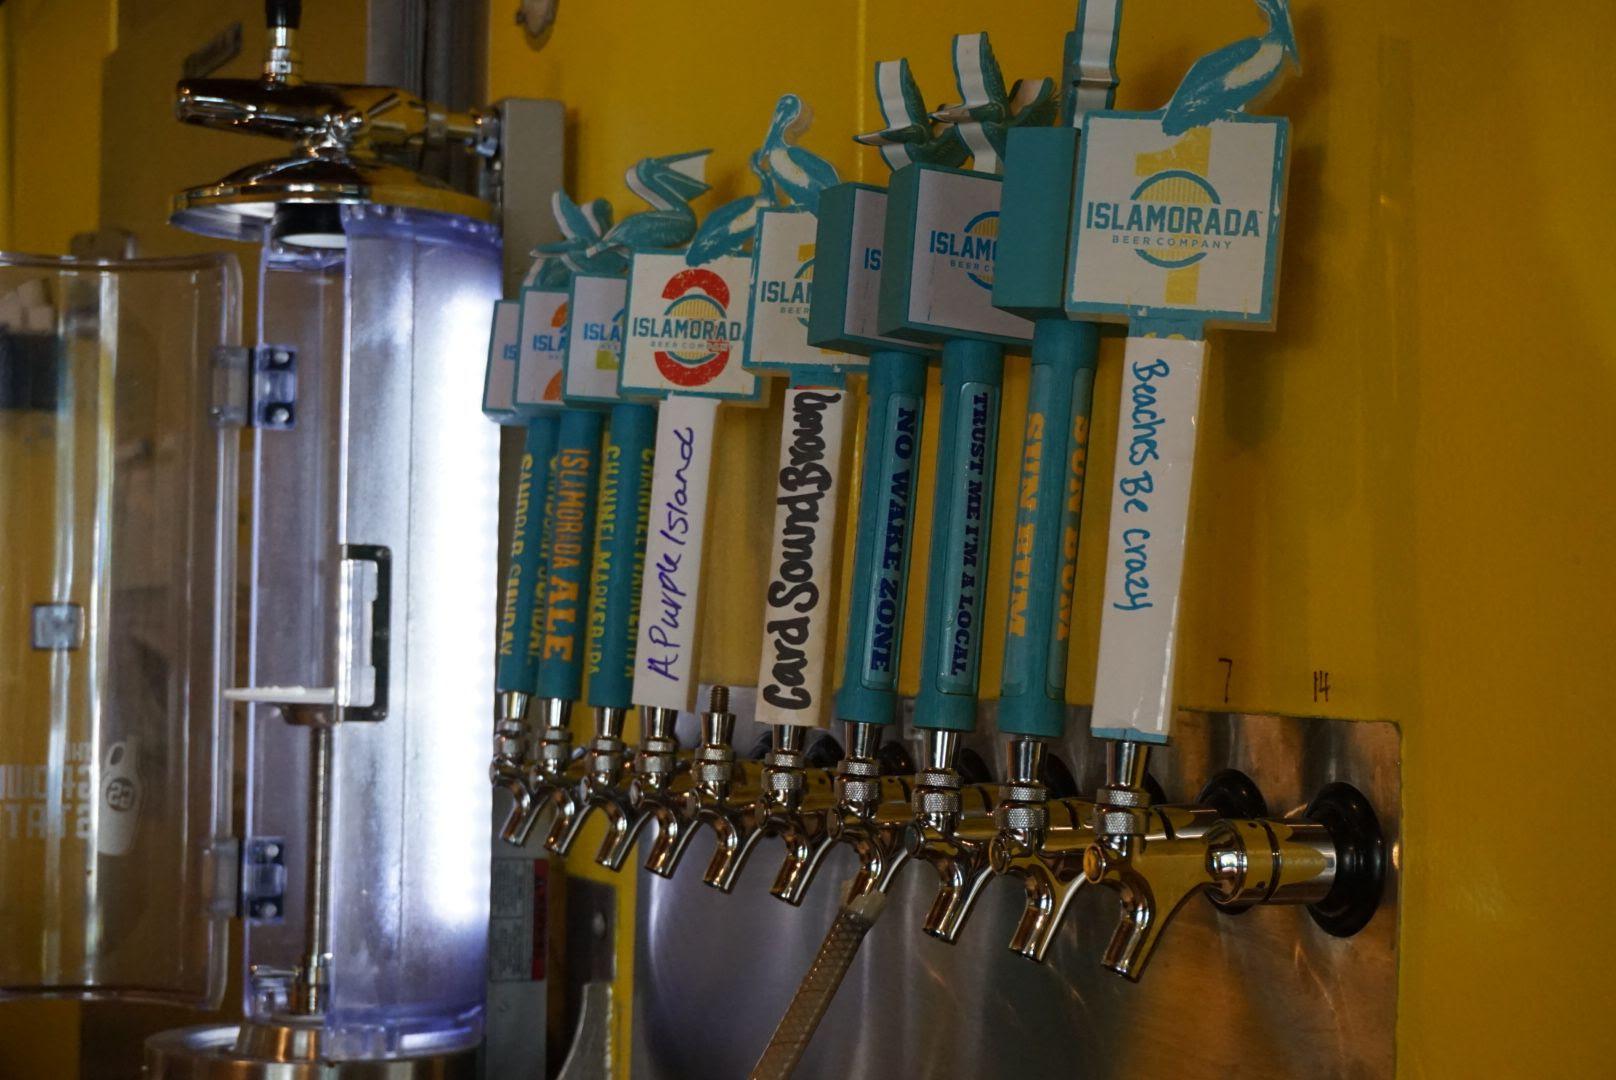 Islamorada Beer Company